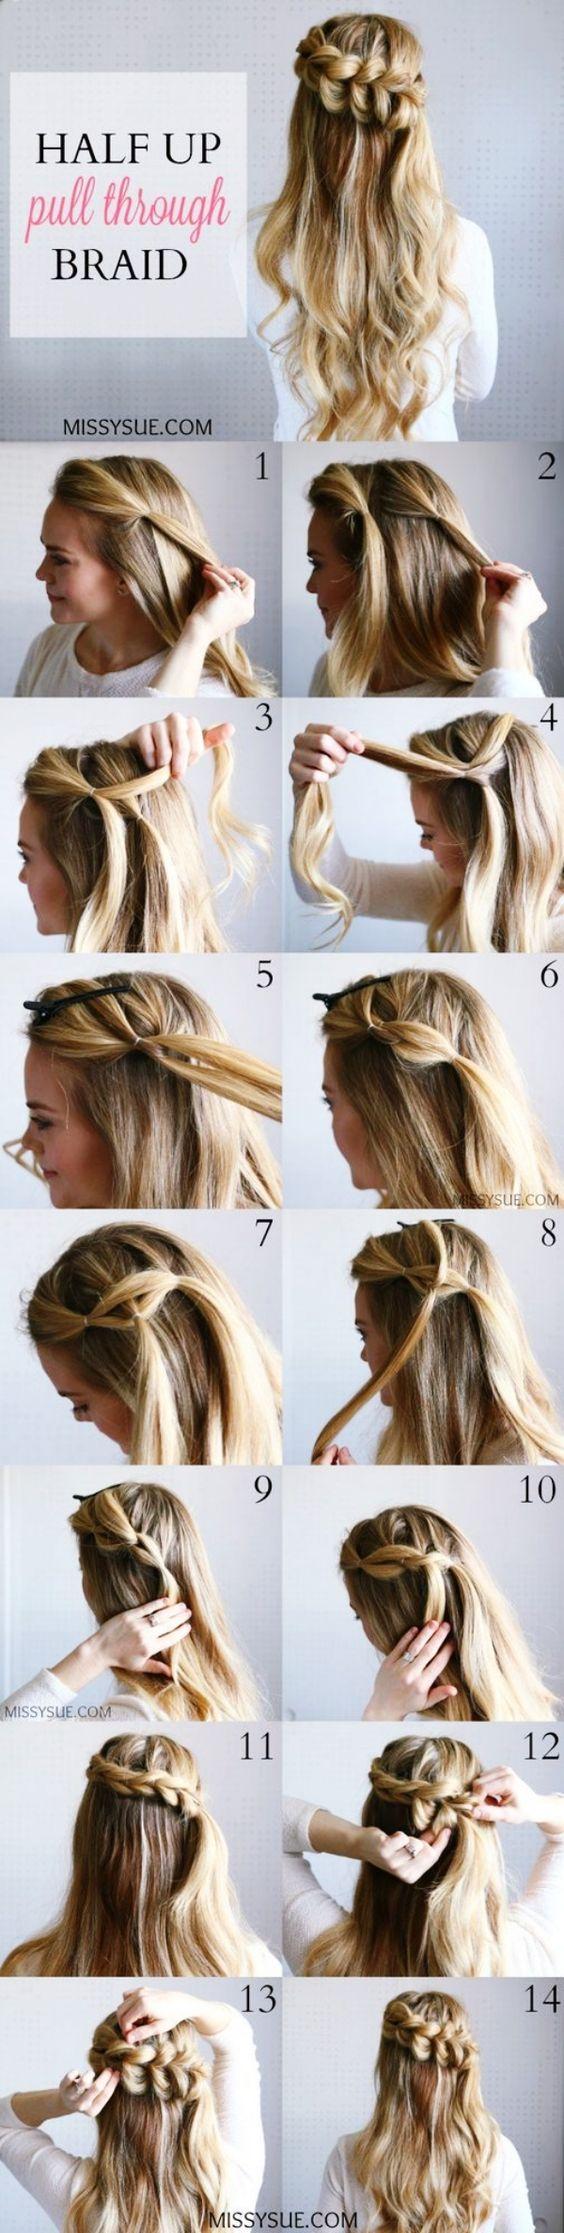 yunan örgülü topuz saç modelleri 3